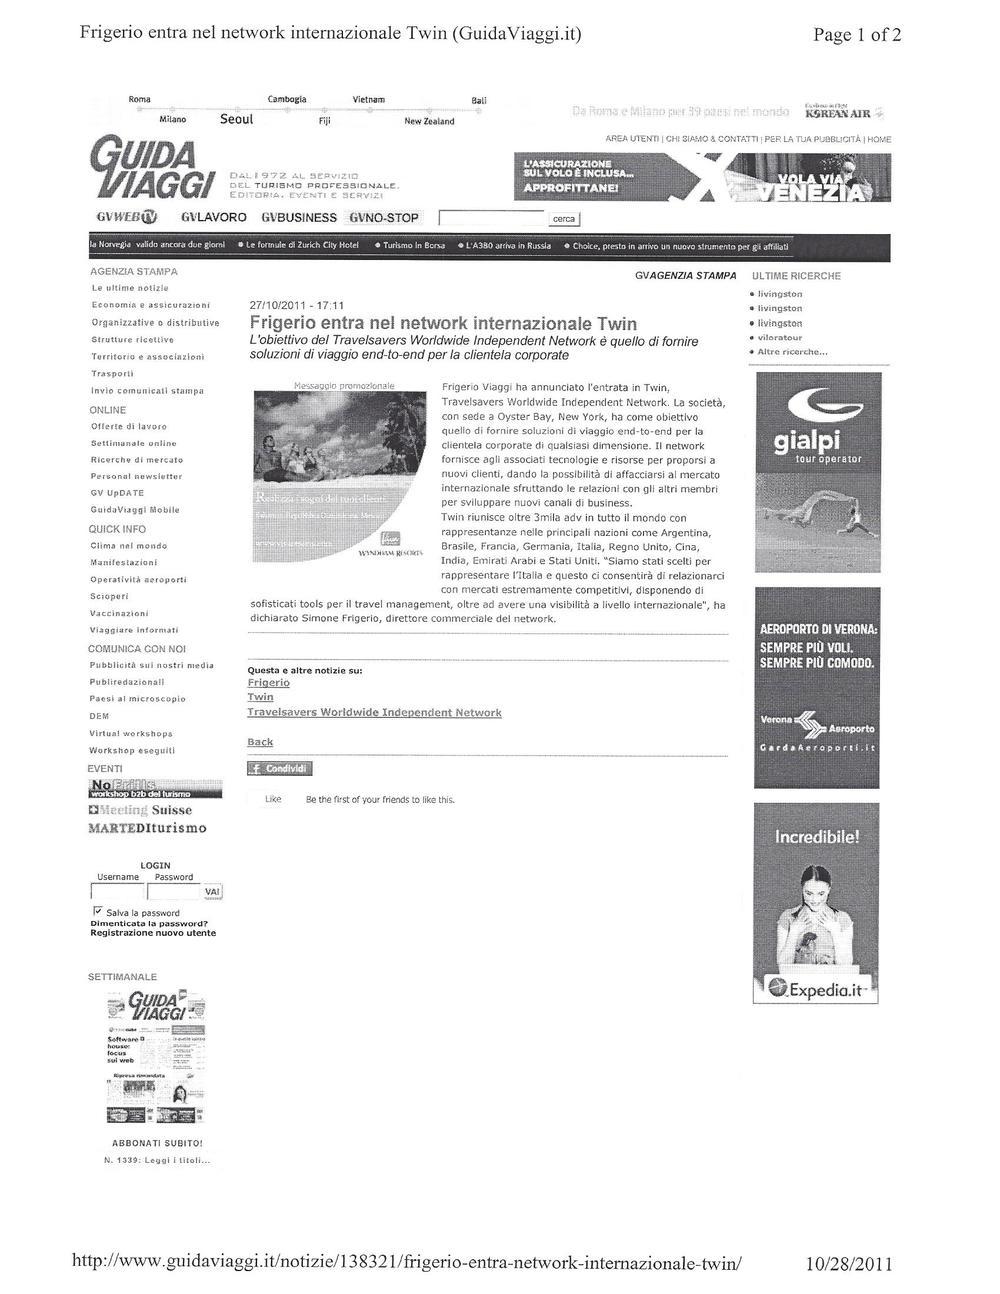 Guida Viaggi10-27-11TWIN JPEG.jpg